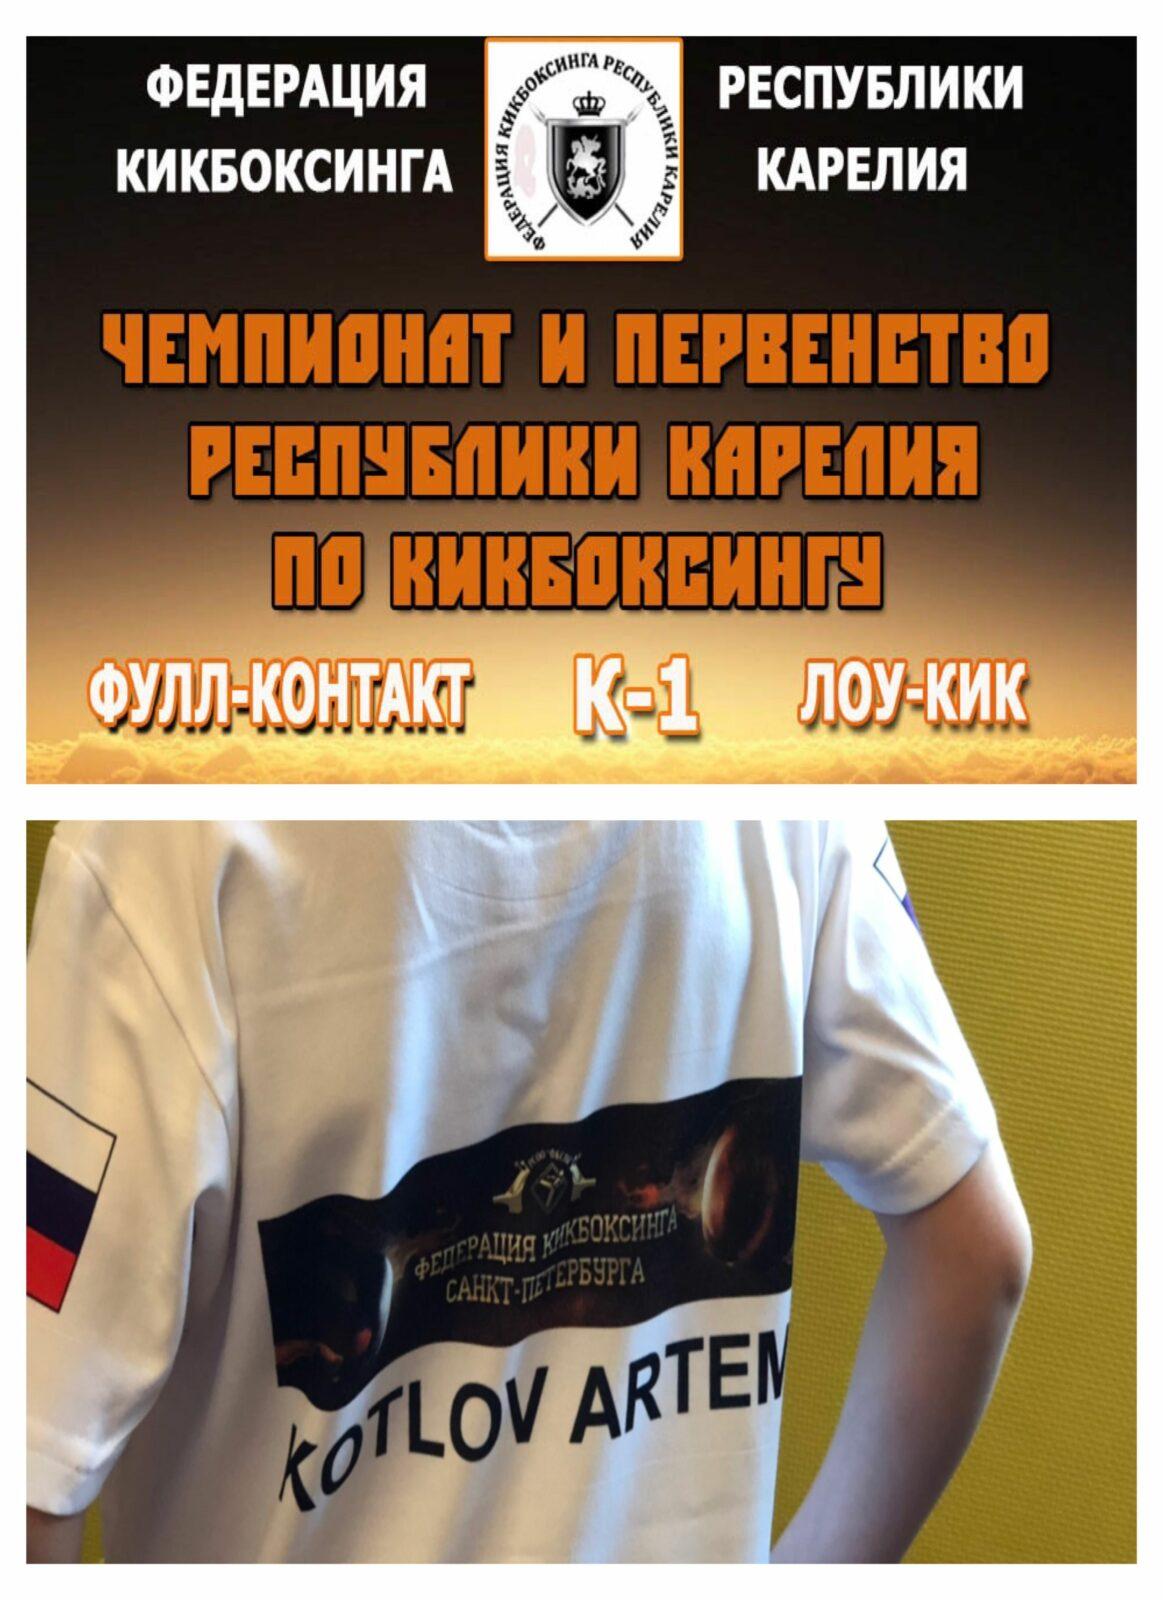 спонсоры детского спорта невский район спб